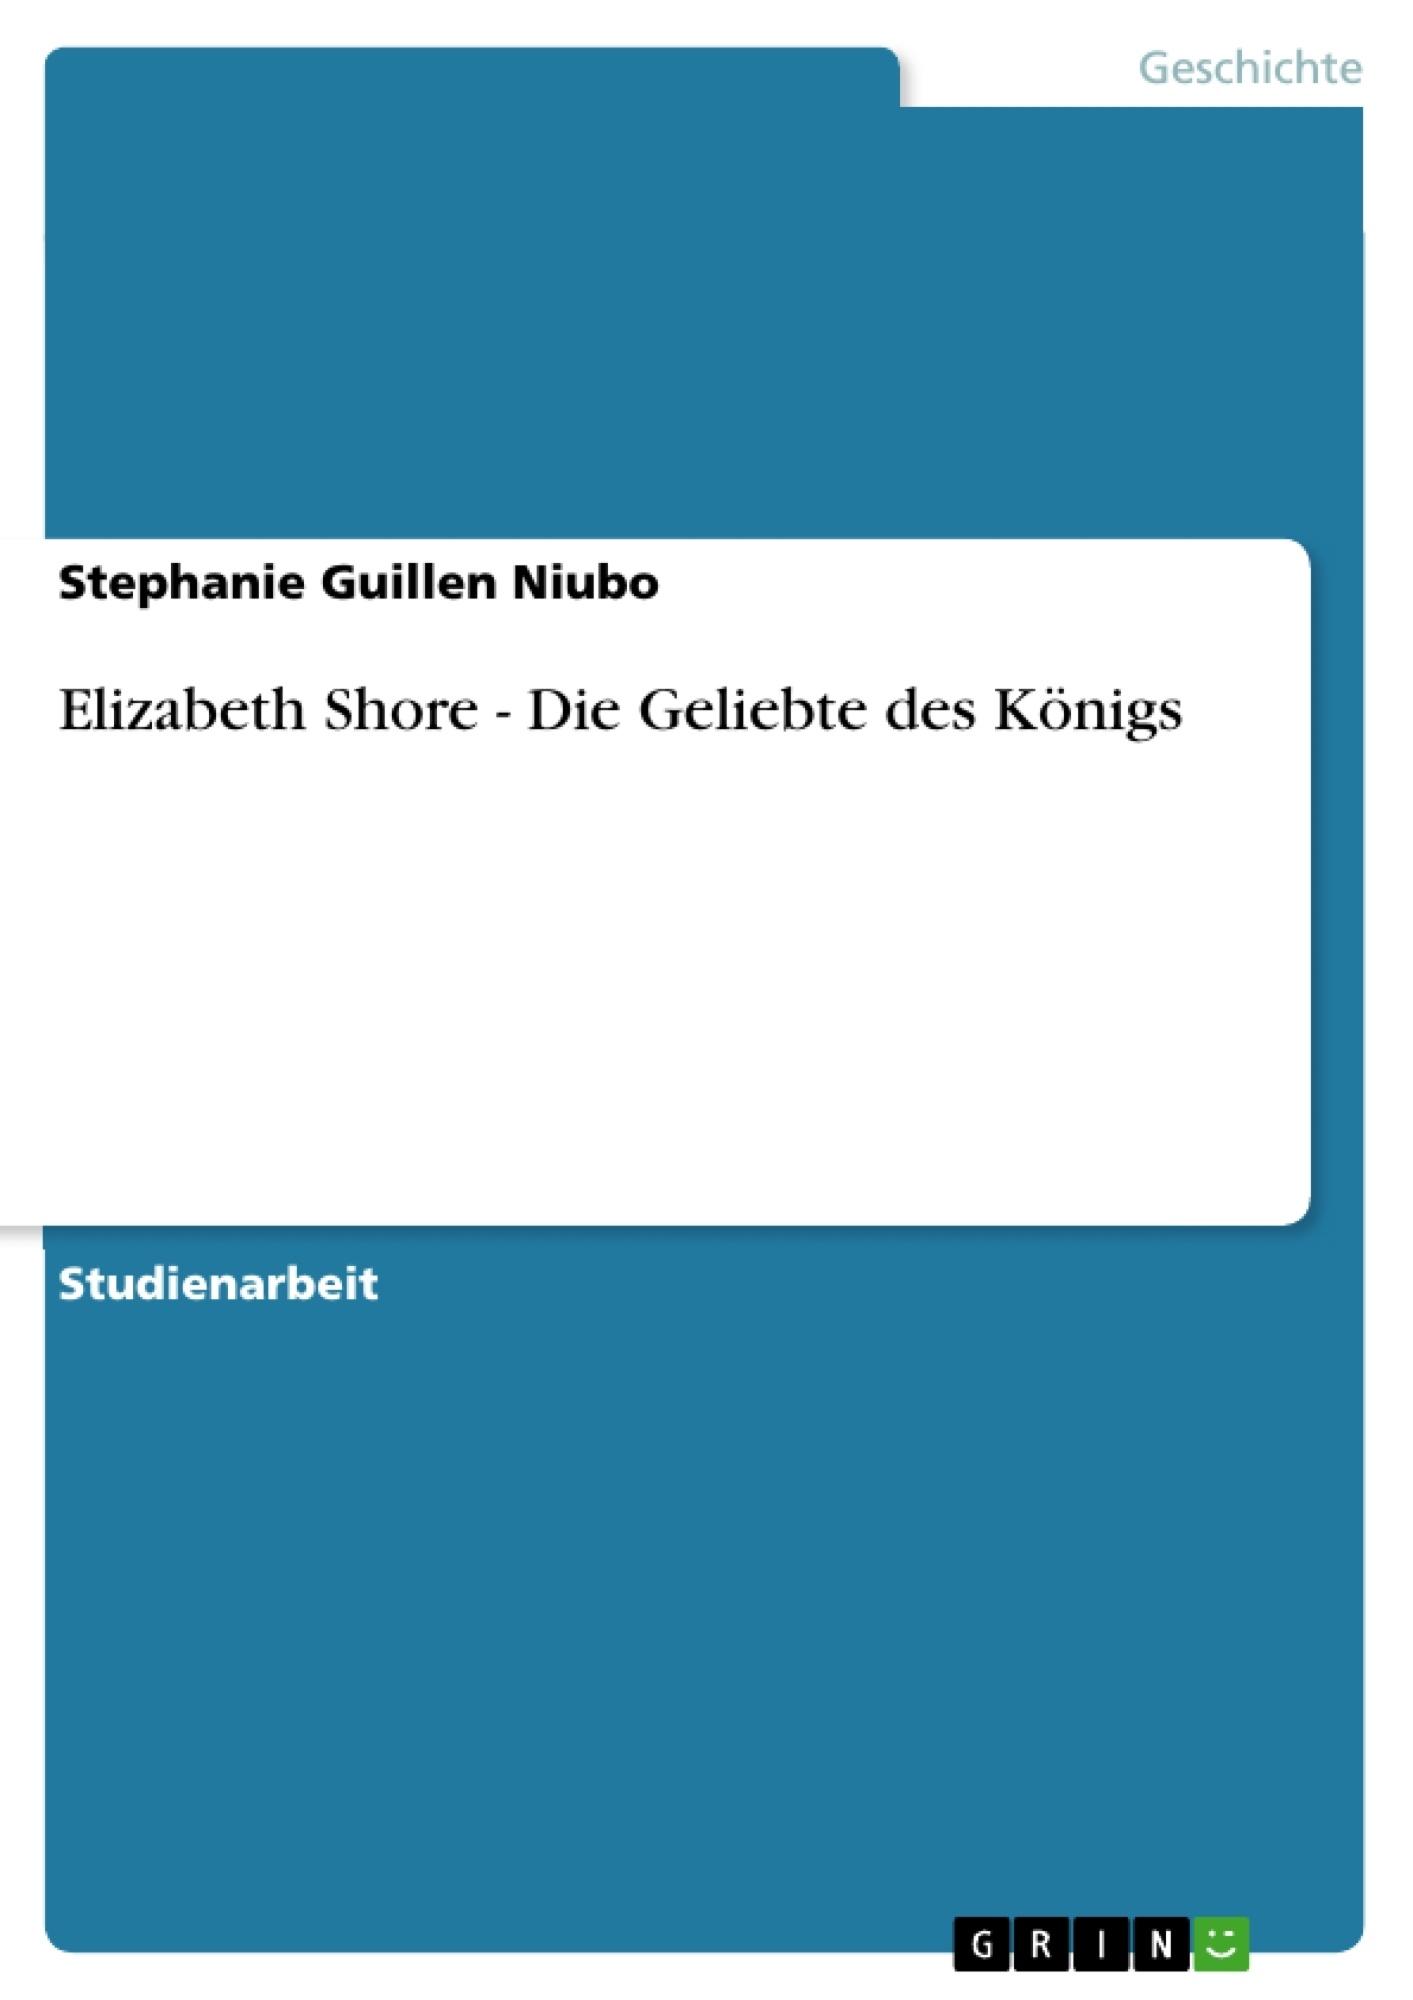 Titel: Elizabeth Shore - Die Geliebte des Königs